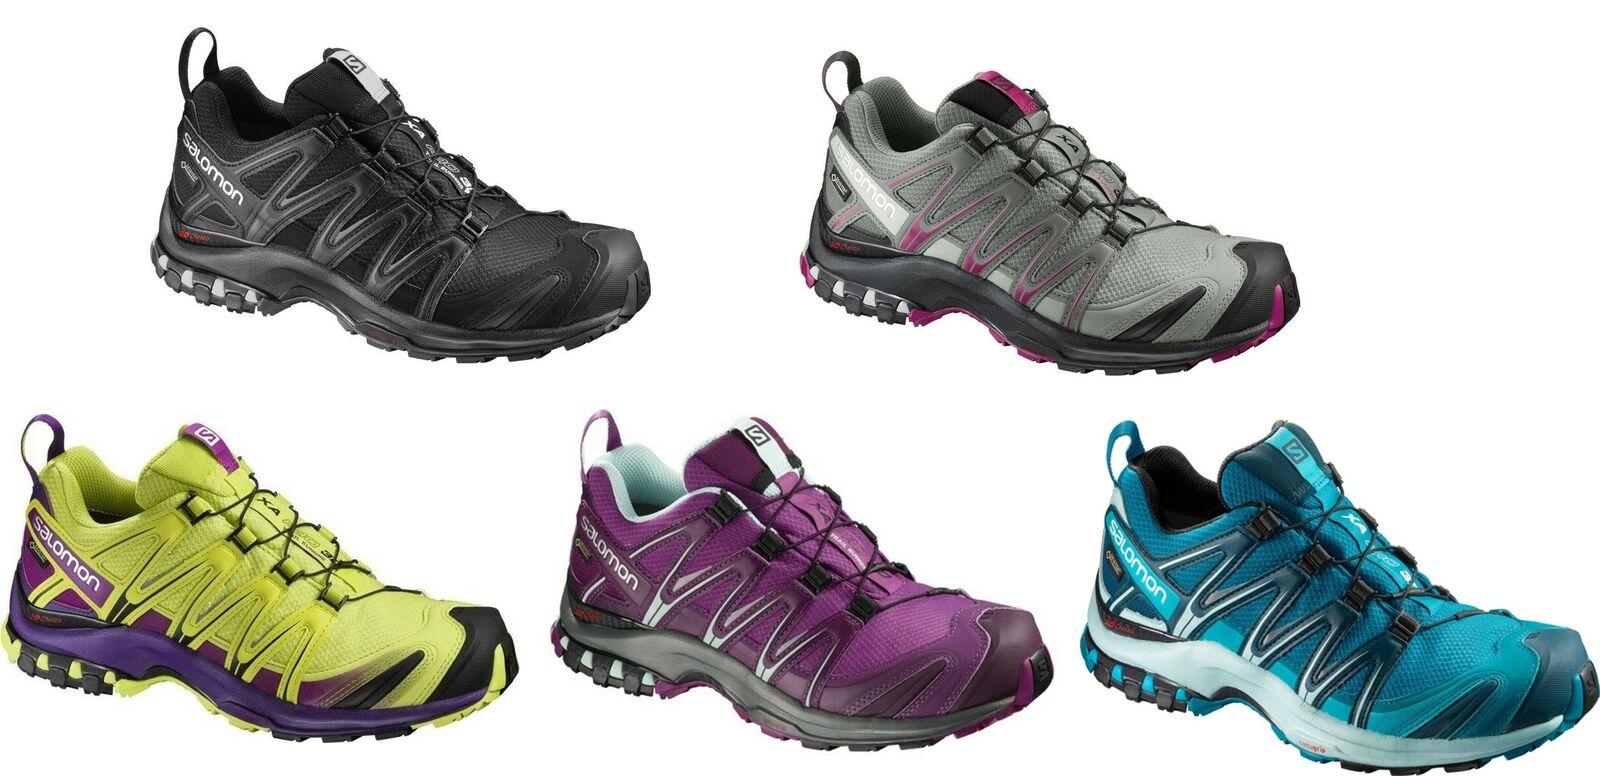 Salomon XA PRO 3D GTX® W Outdoorschuhe Trekkingschuhe für Damen